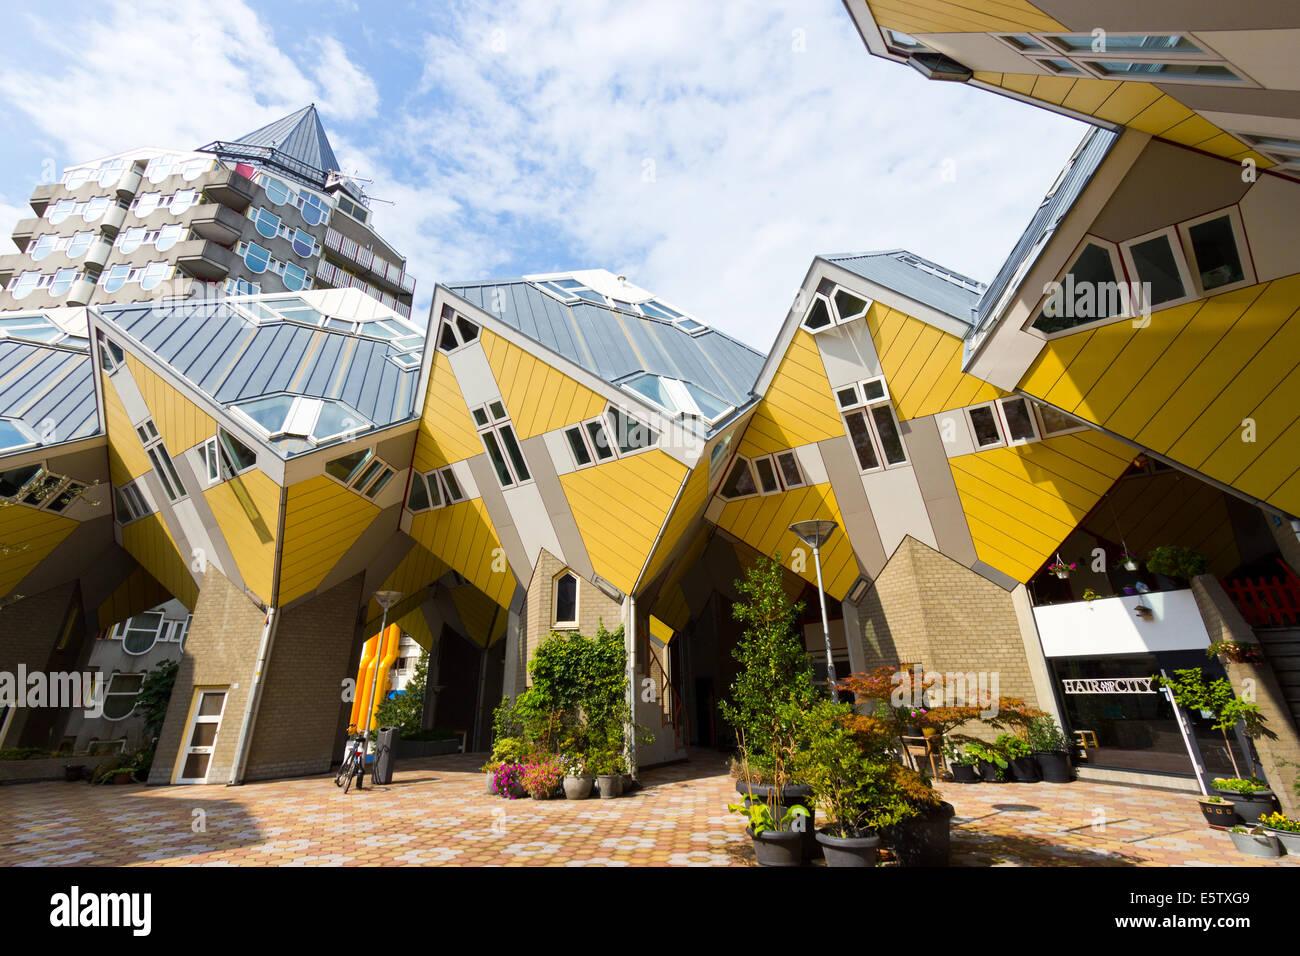 Casas cubo en Rotterdam, Países Bajos. Imagen De Stock